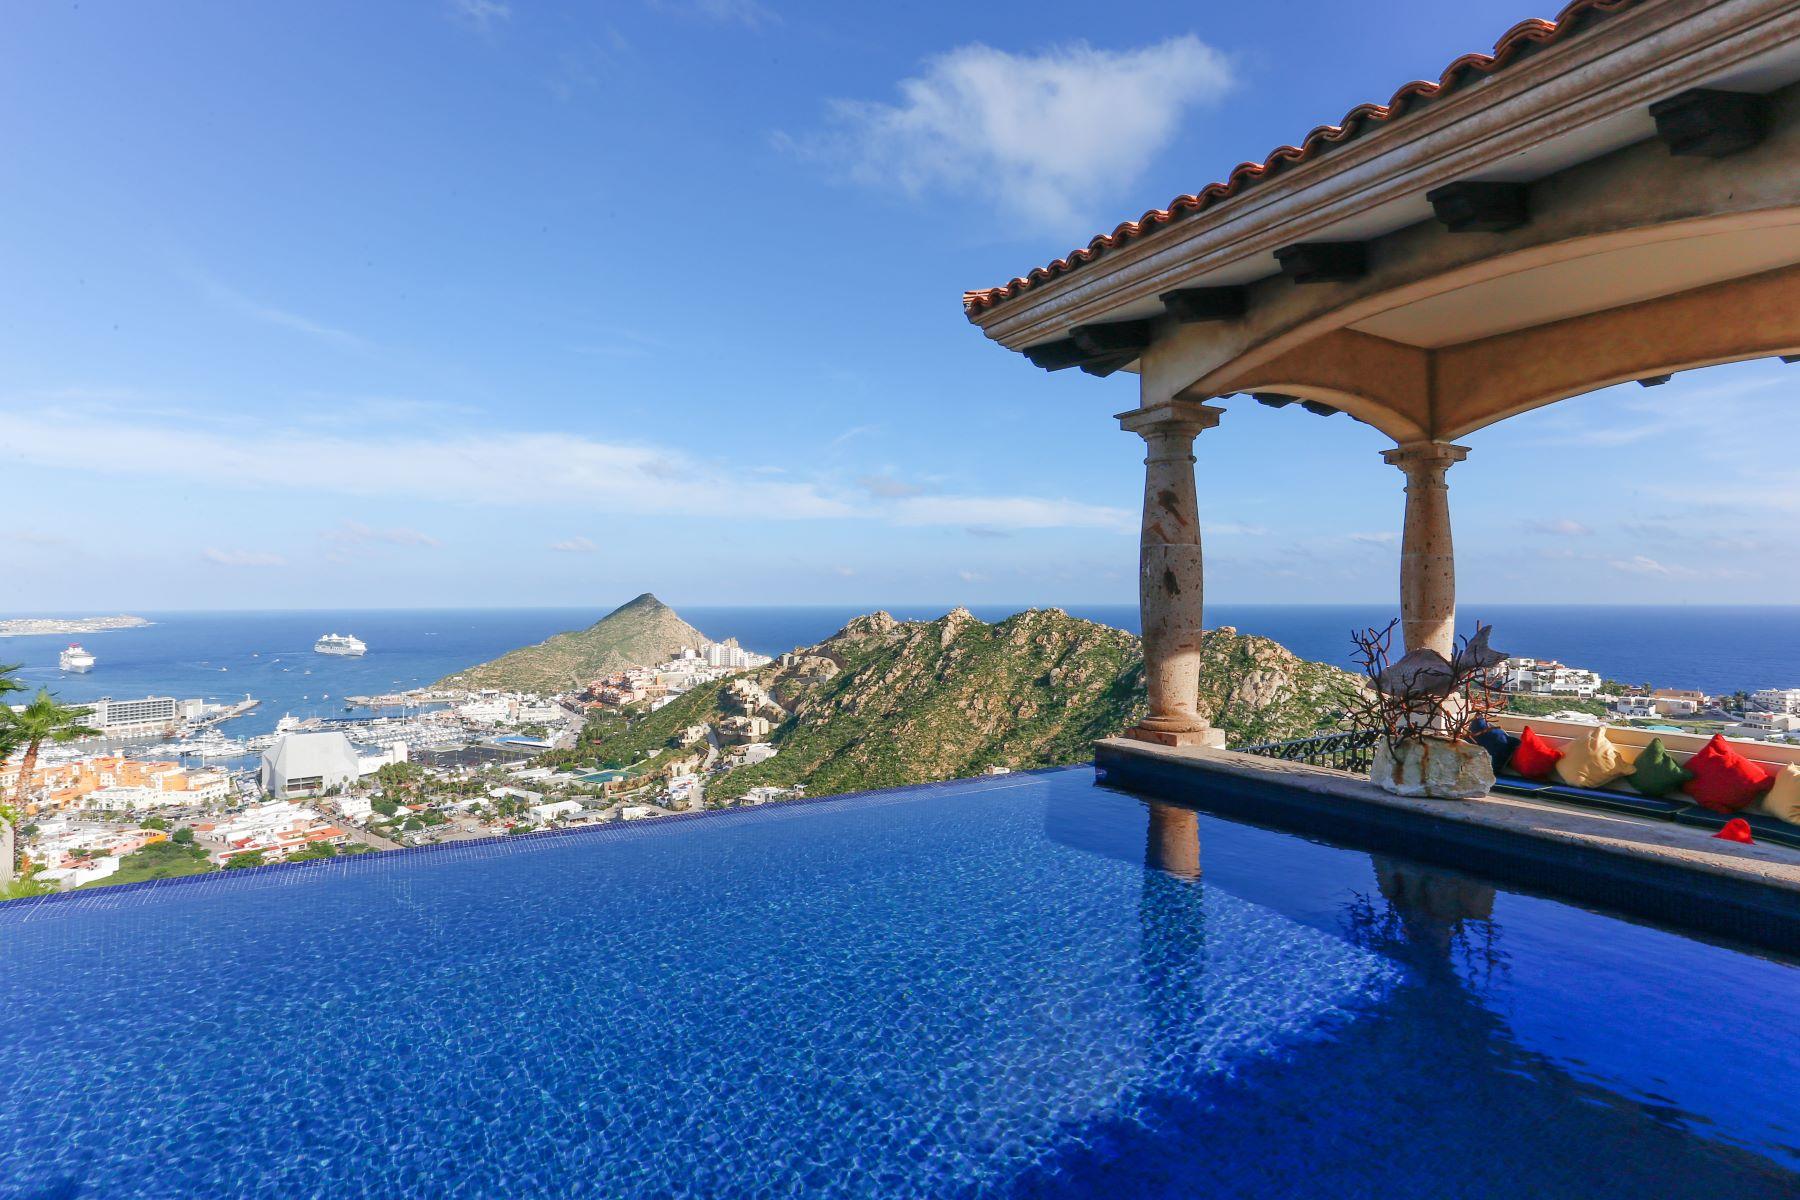 Single Family Home for Sale at Villa Estrella Cabo San Lucas, Baja California Sur Mexico